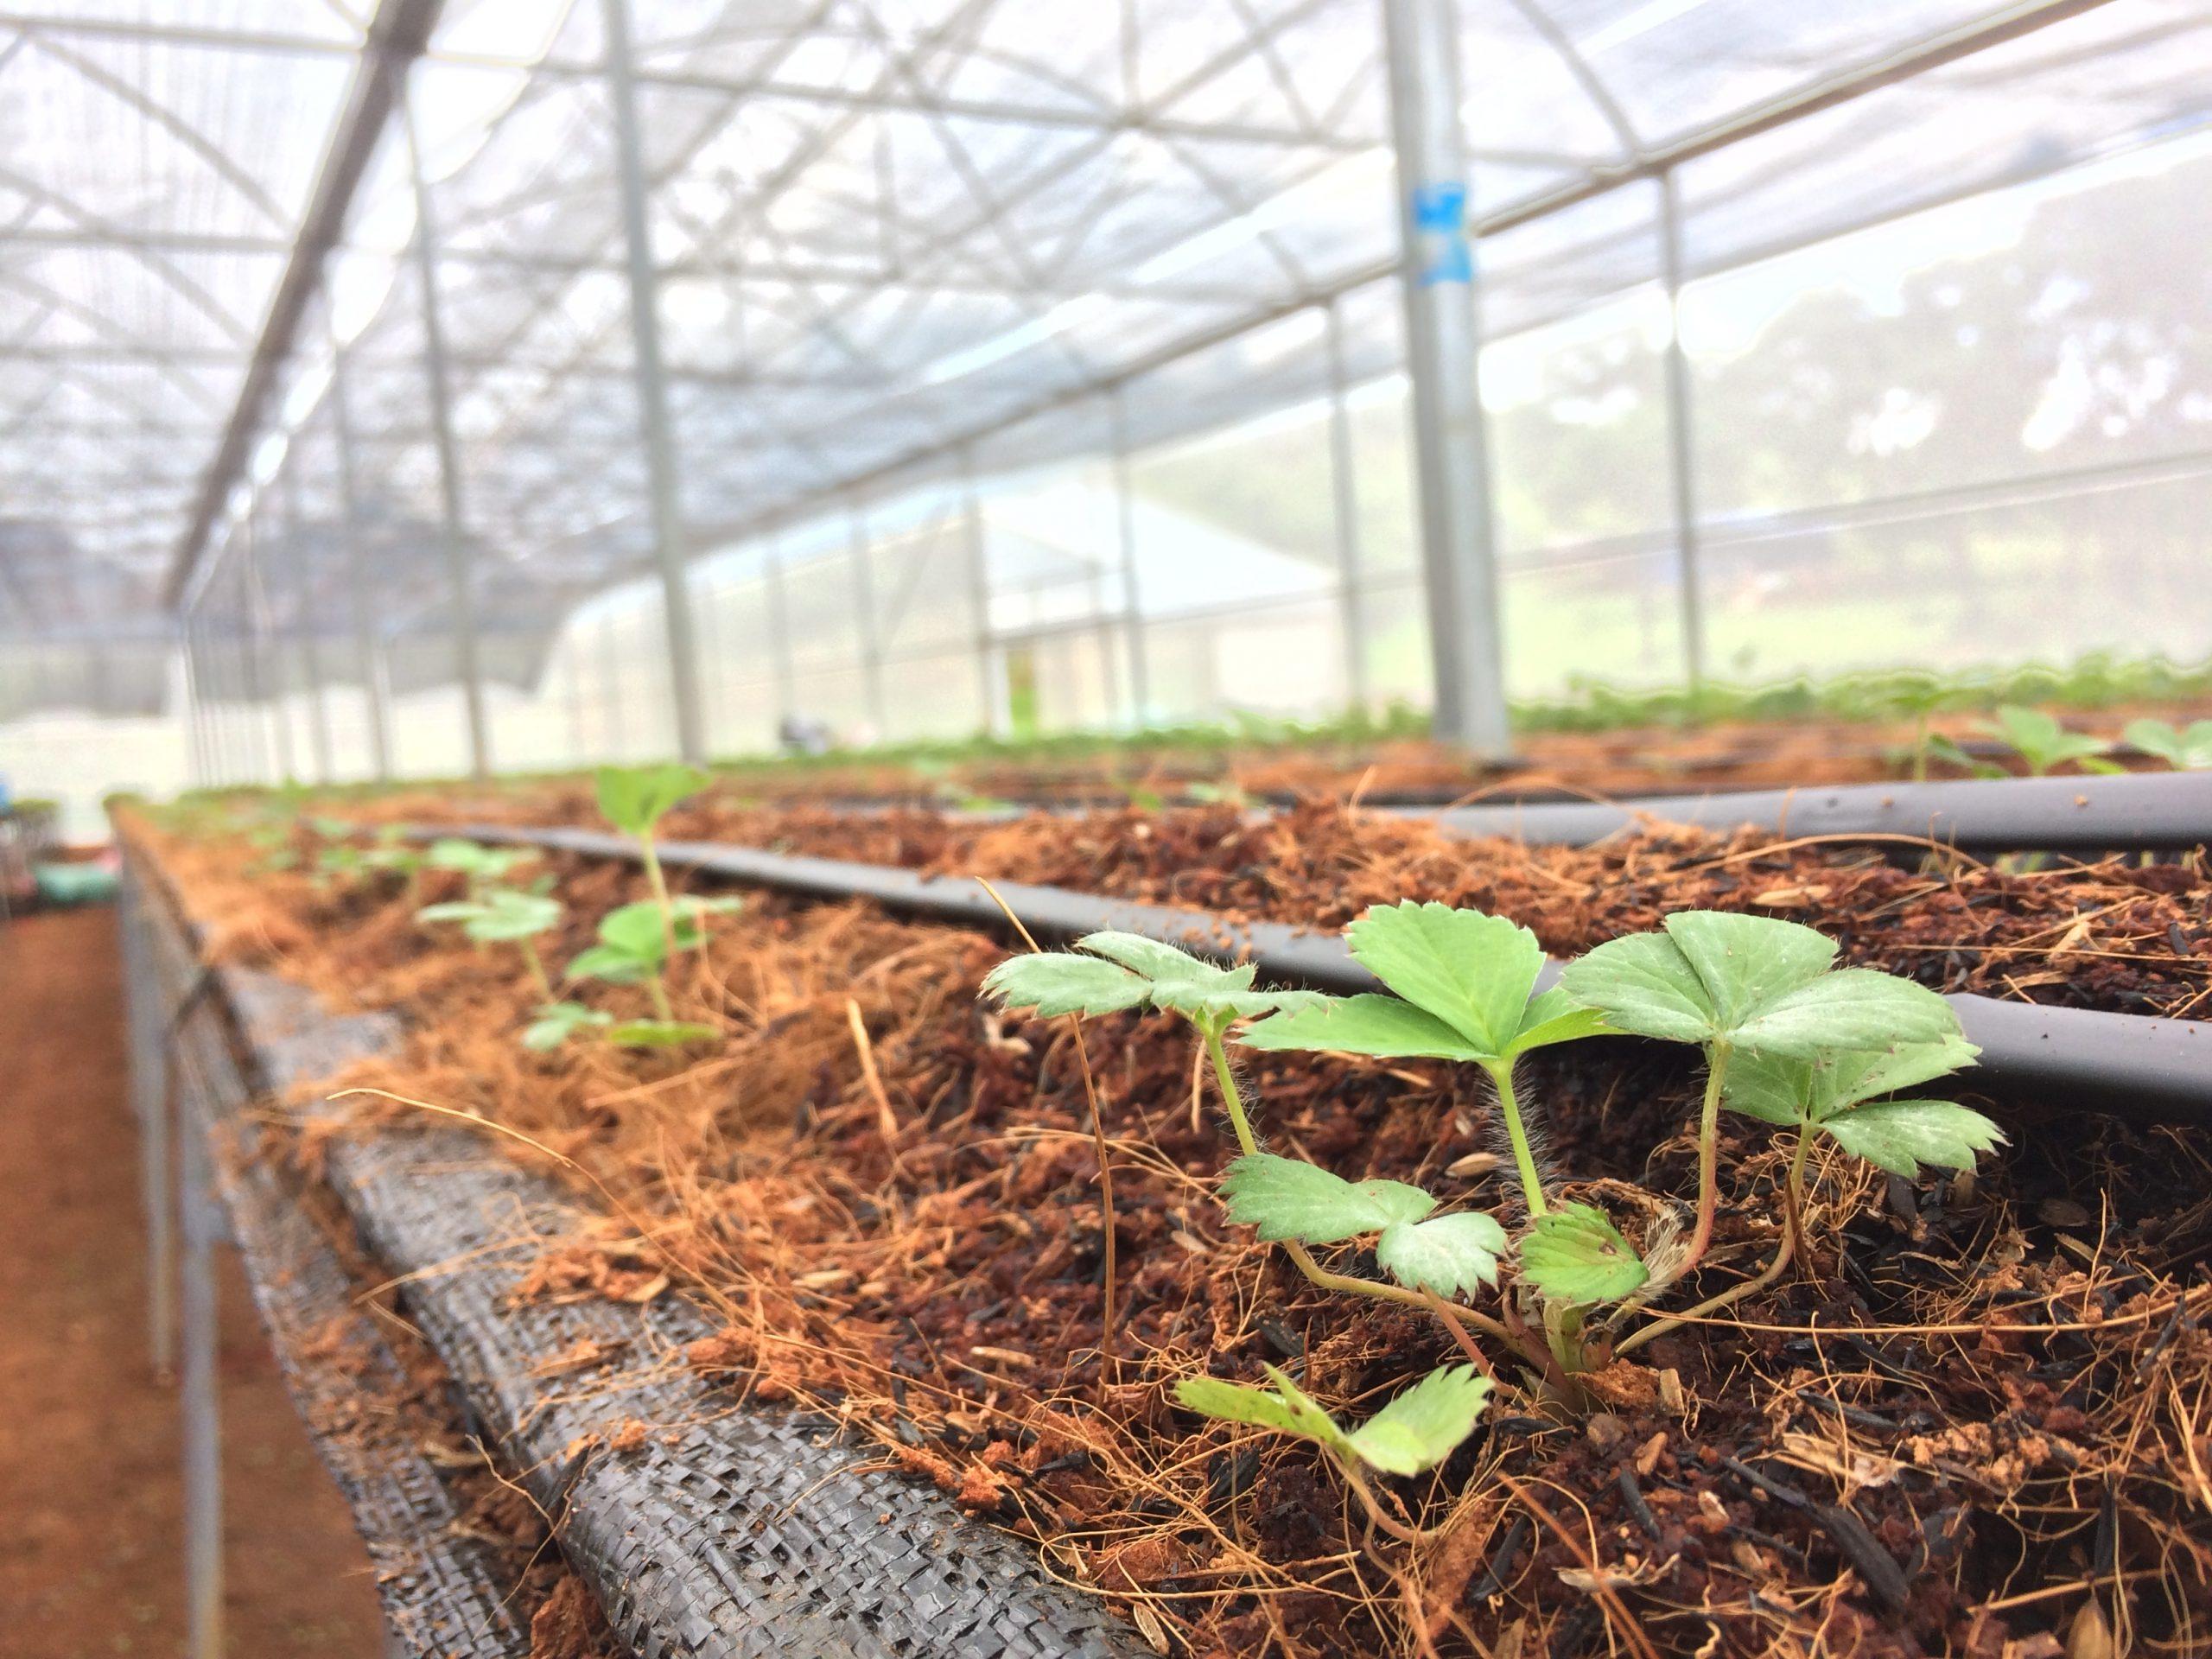 Kỹ thuật trồng, chăm sóc và thu hoạch dâu tây tại Chimi Farm Liên hệ mua cây dâu tây giống Hana, tư vấn kỹ thuật 082.989.1110